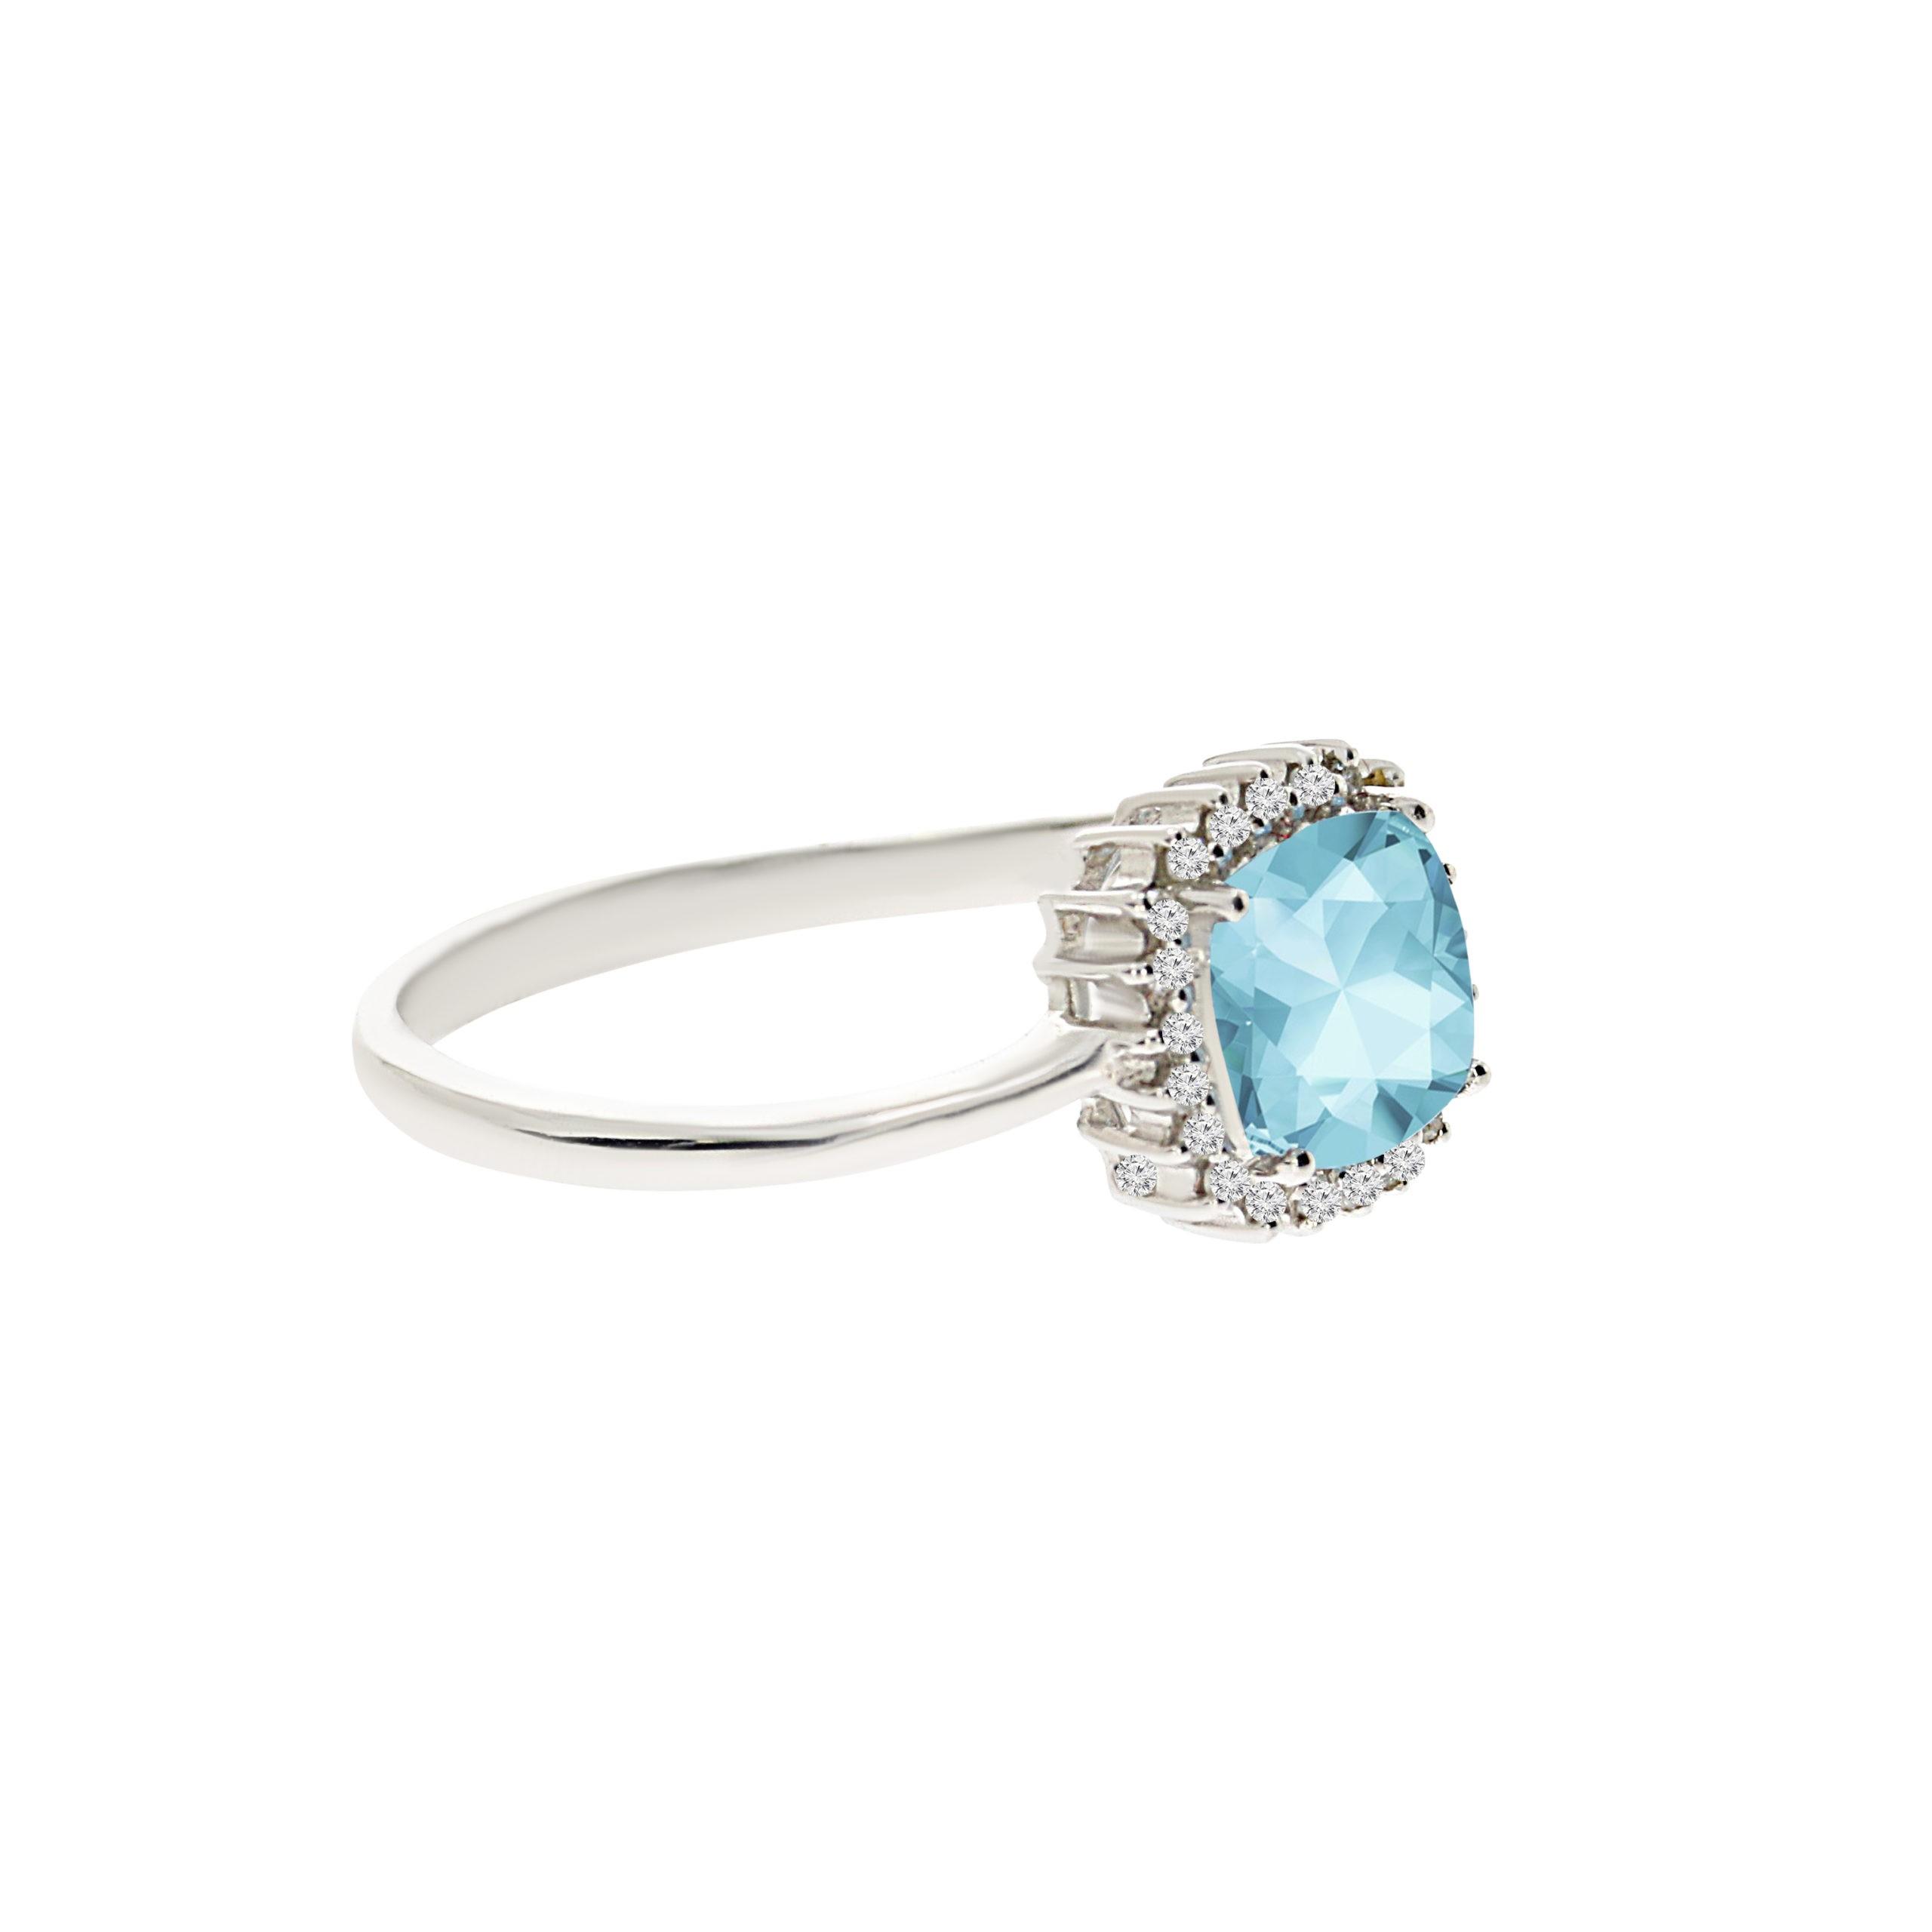 טבעת בלו טופז 1 קראט, זהב-לבן 14 קראט, בשיבוץ 0.07 קראט יהלומים